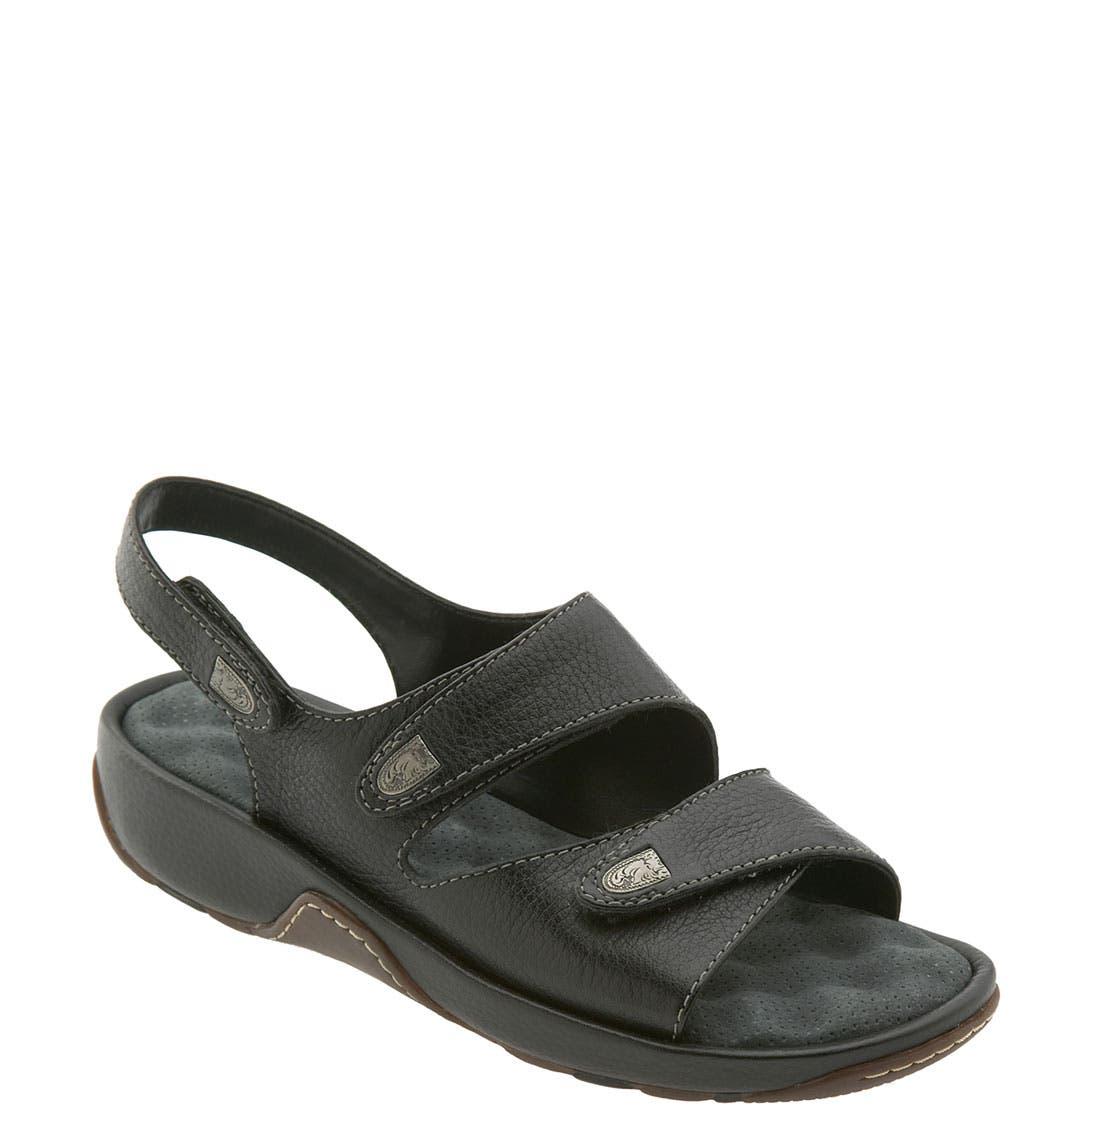 'Bolivia' Sandal,                             Main thumbnail 1, color,                             BLACK